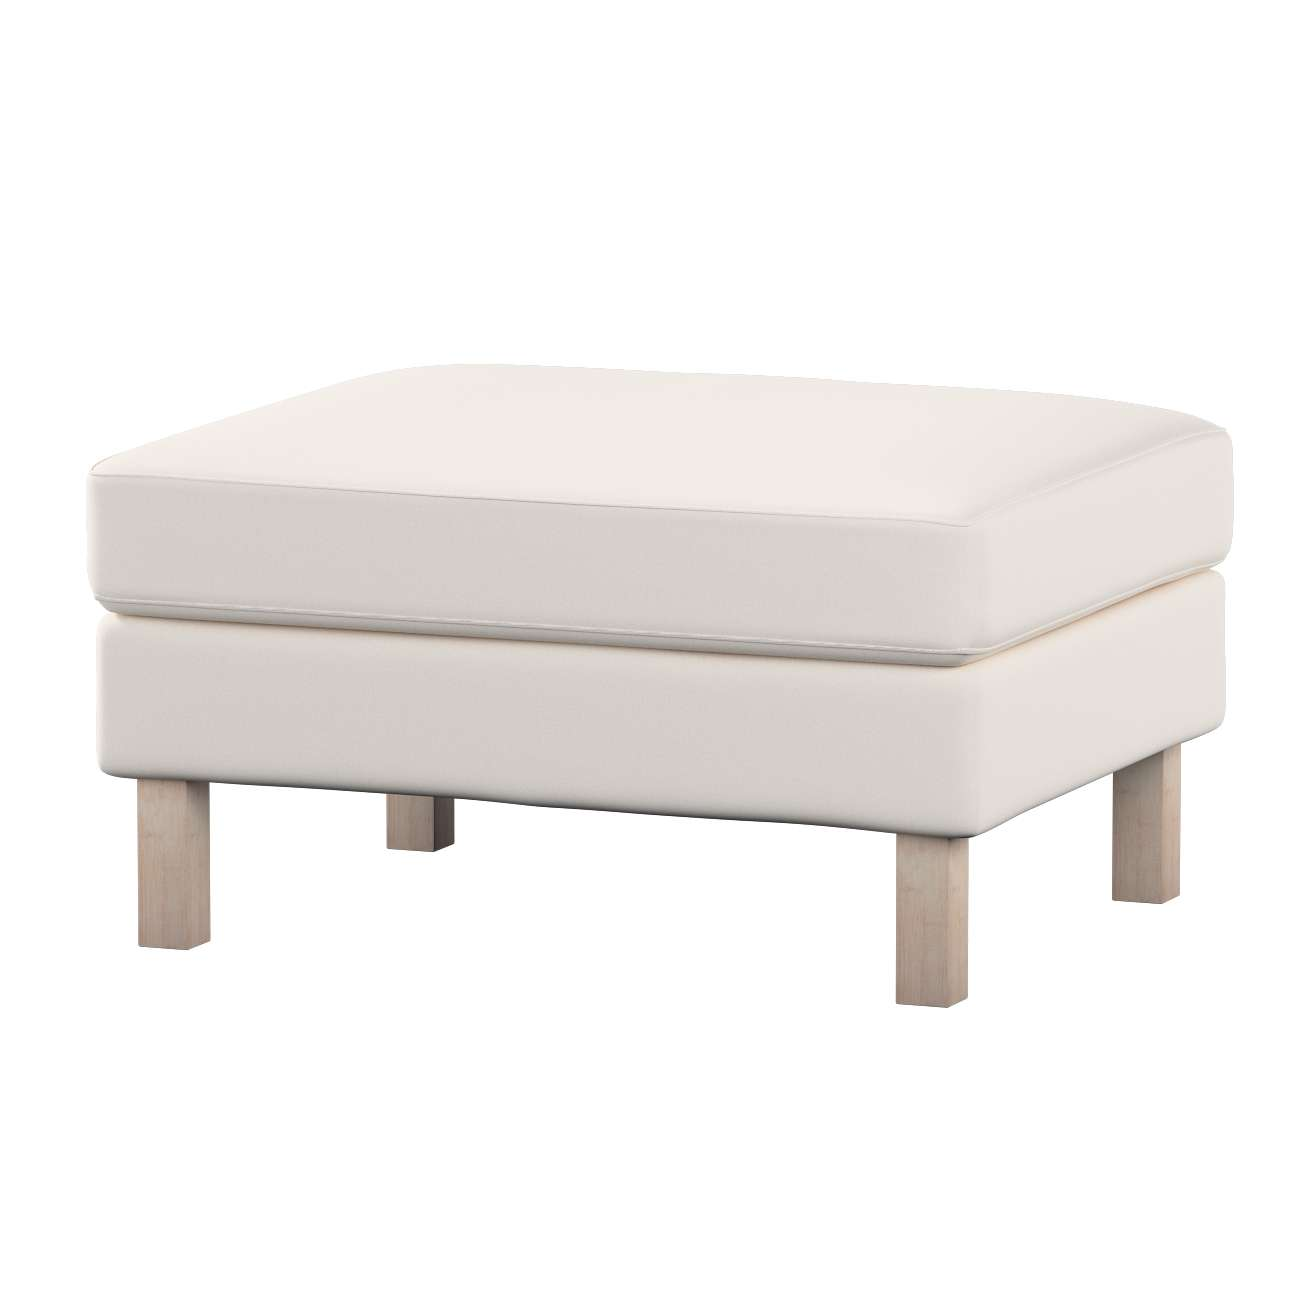 karlstad e. Black Bedroom Furniture Sets. Home Design Ideas